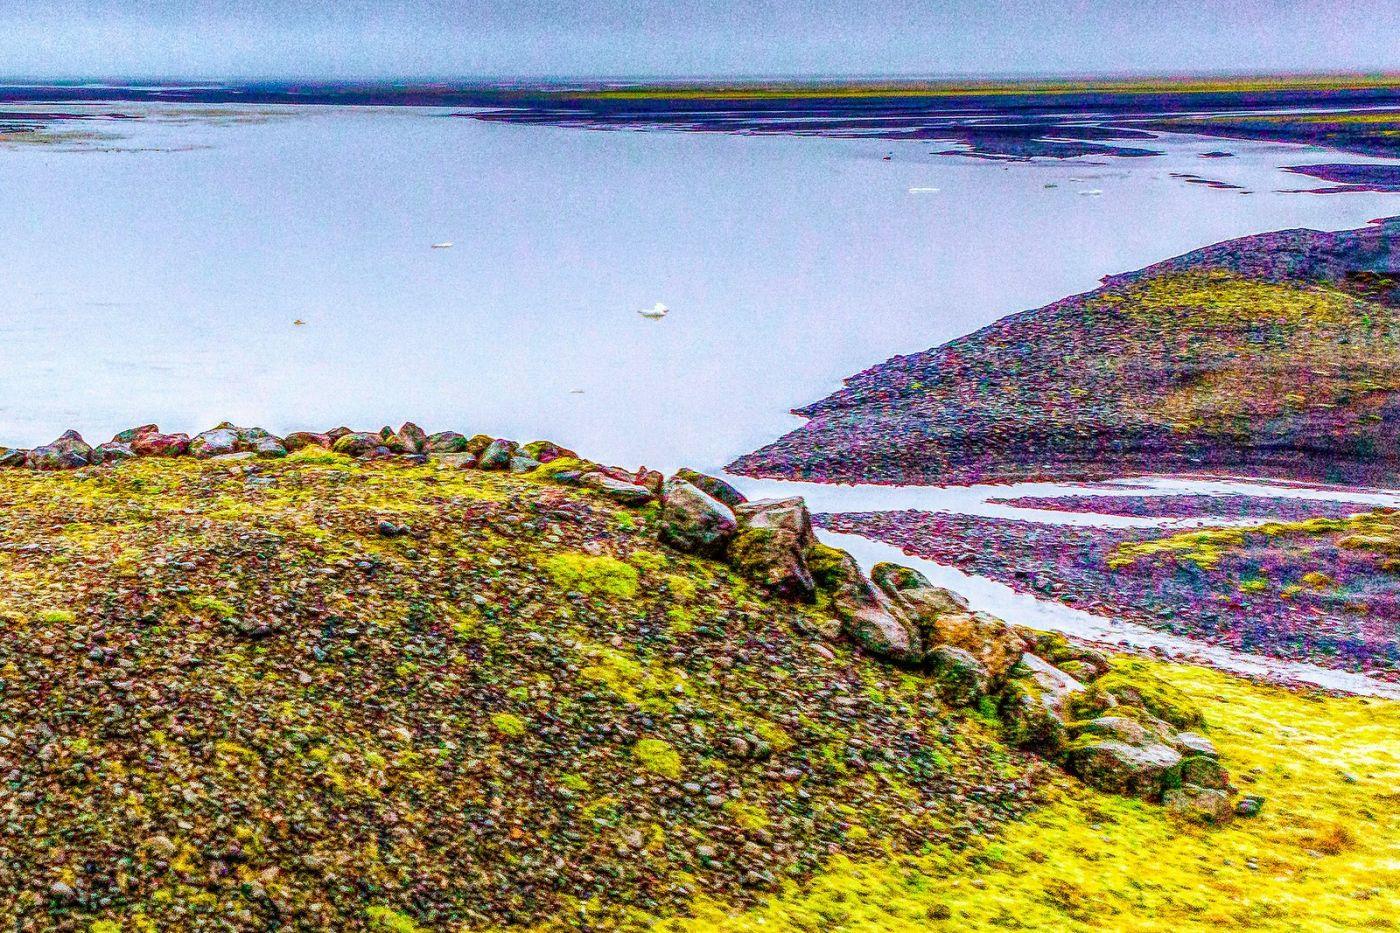 冰岛风采,延伸视野_图1-30